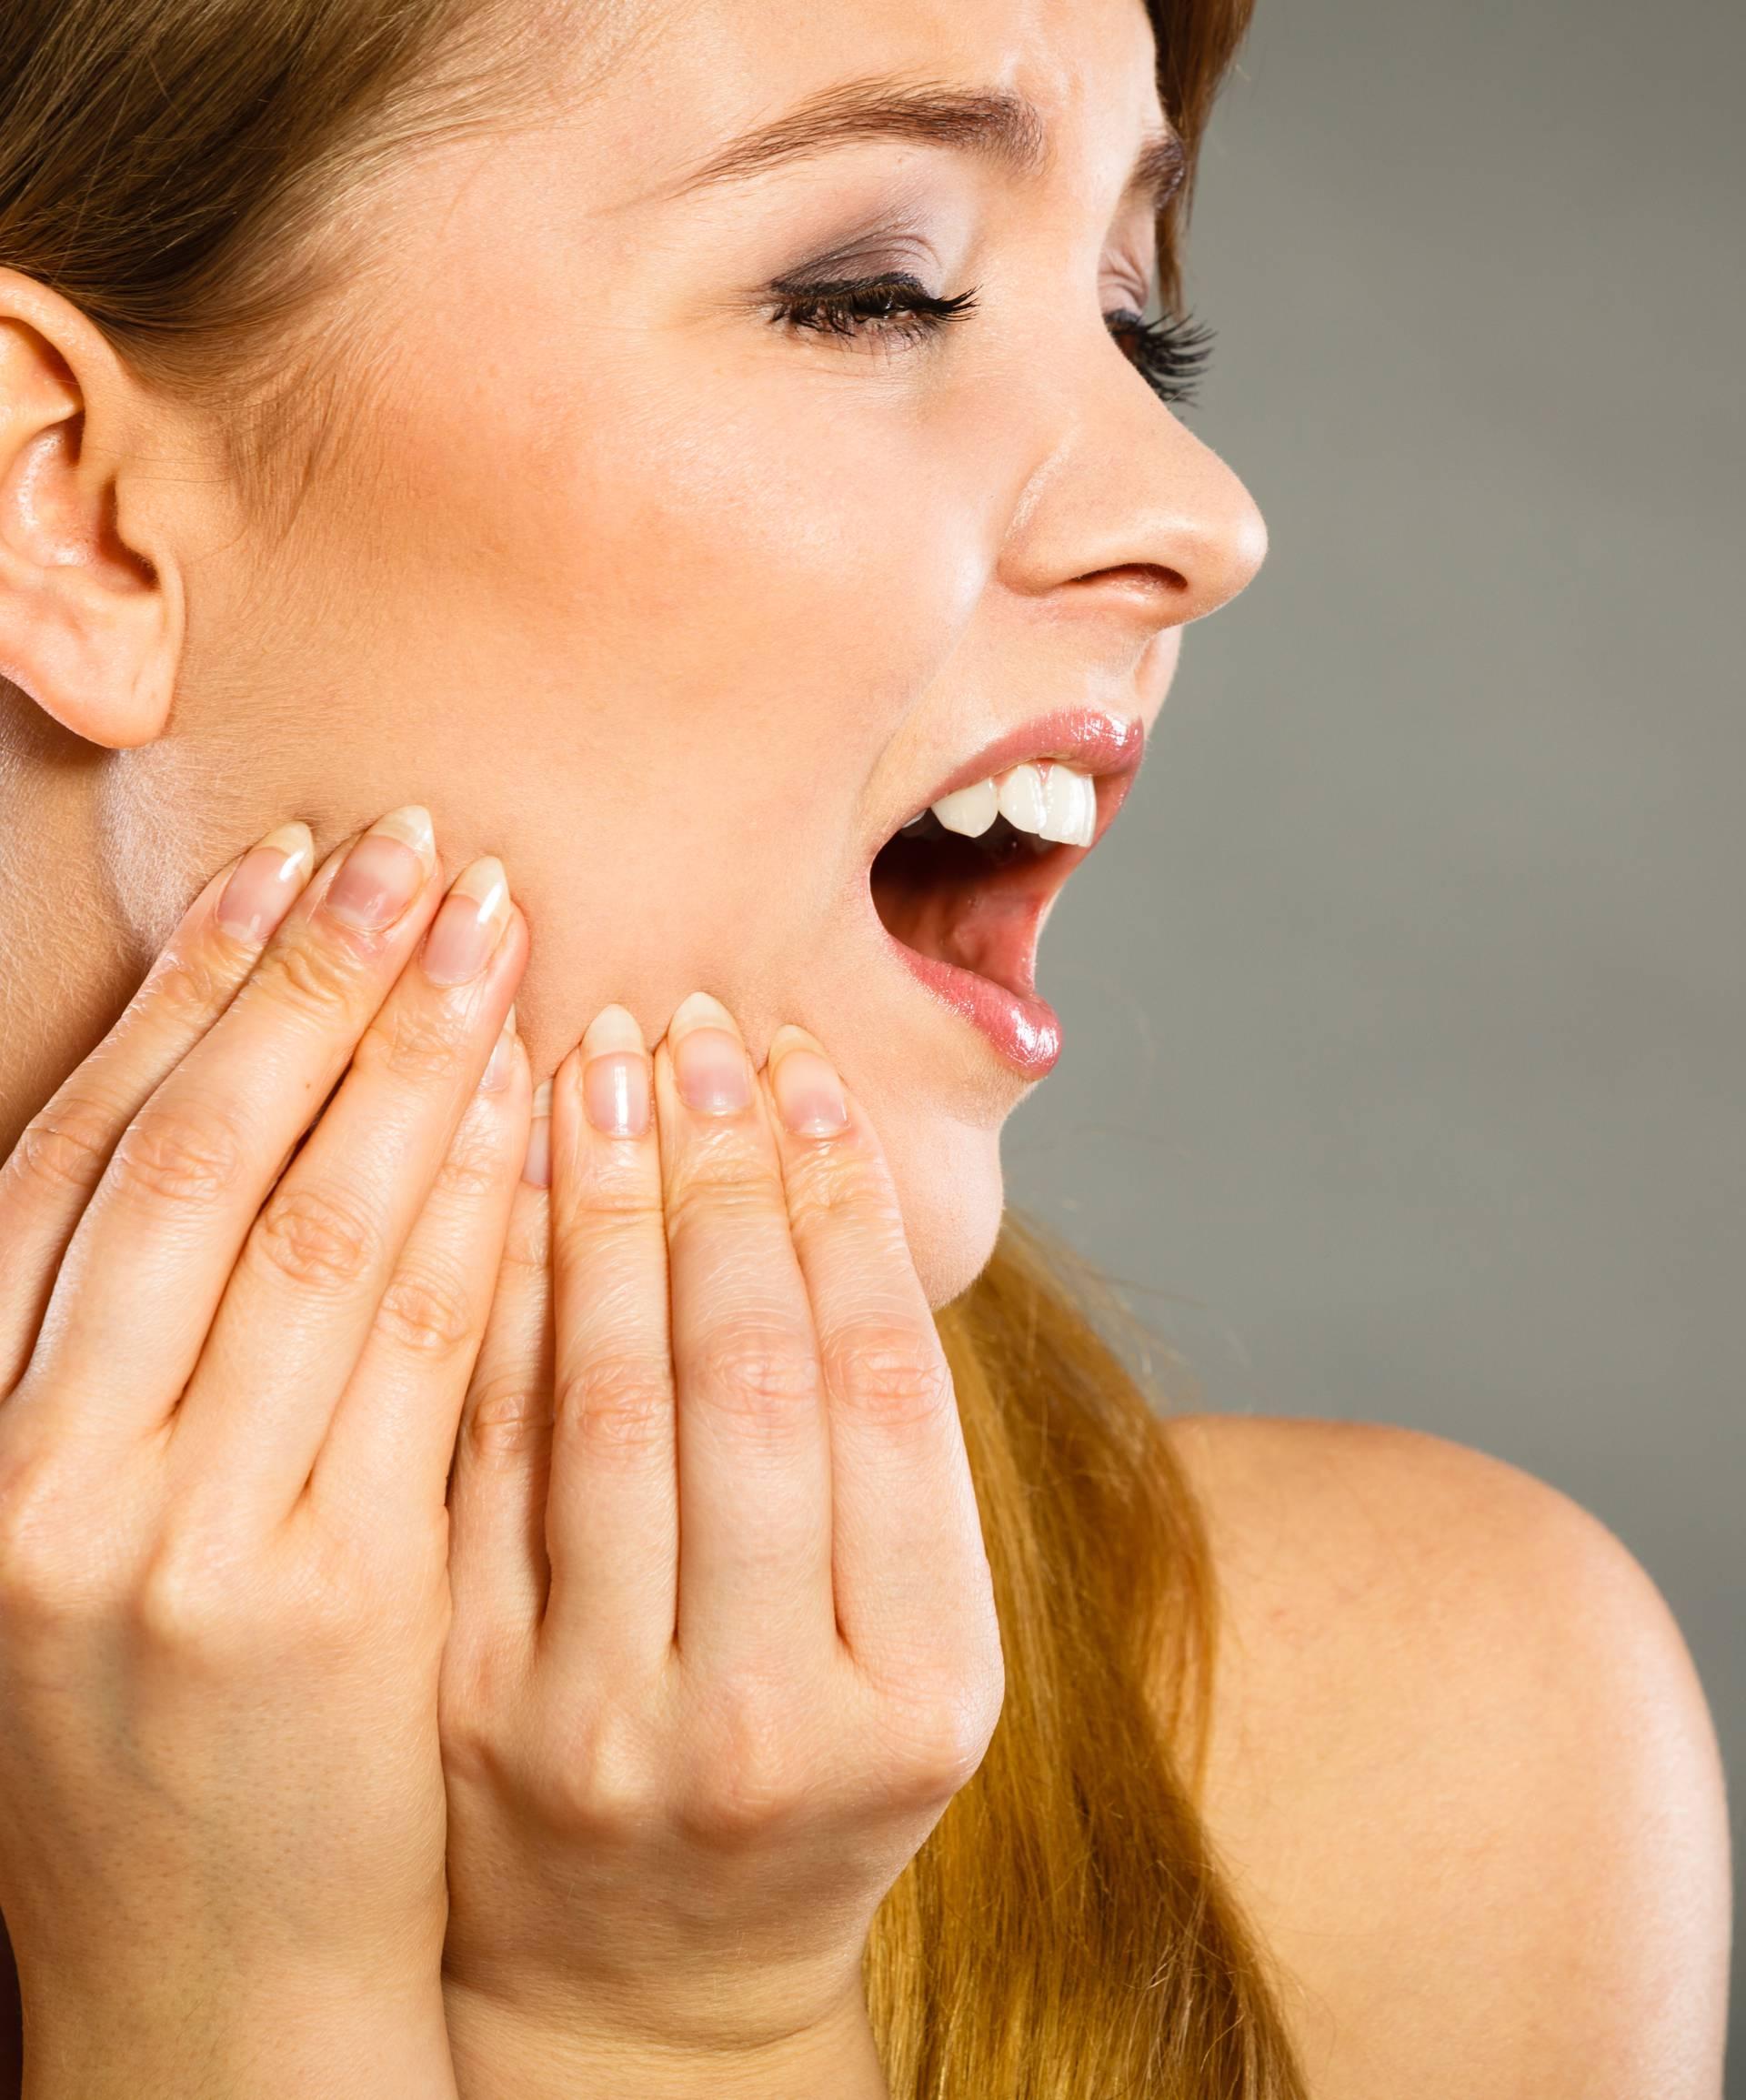 Usta vam govore jeste li zdravi - mogu biti pokazatelj bolesti